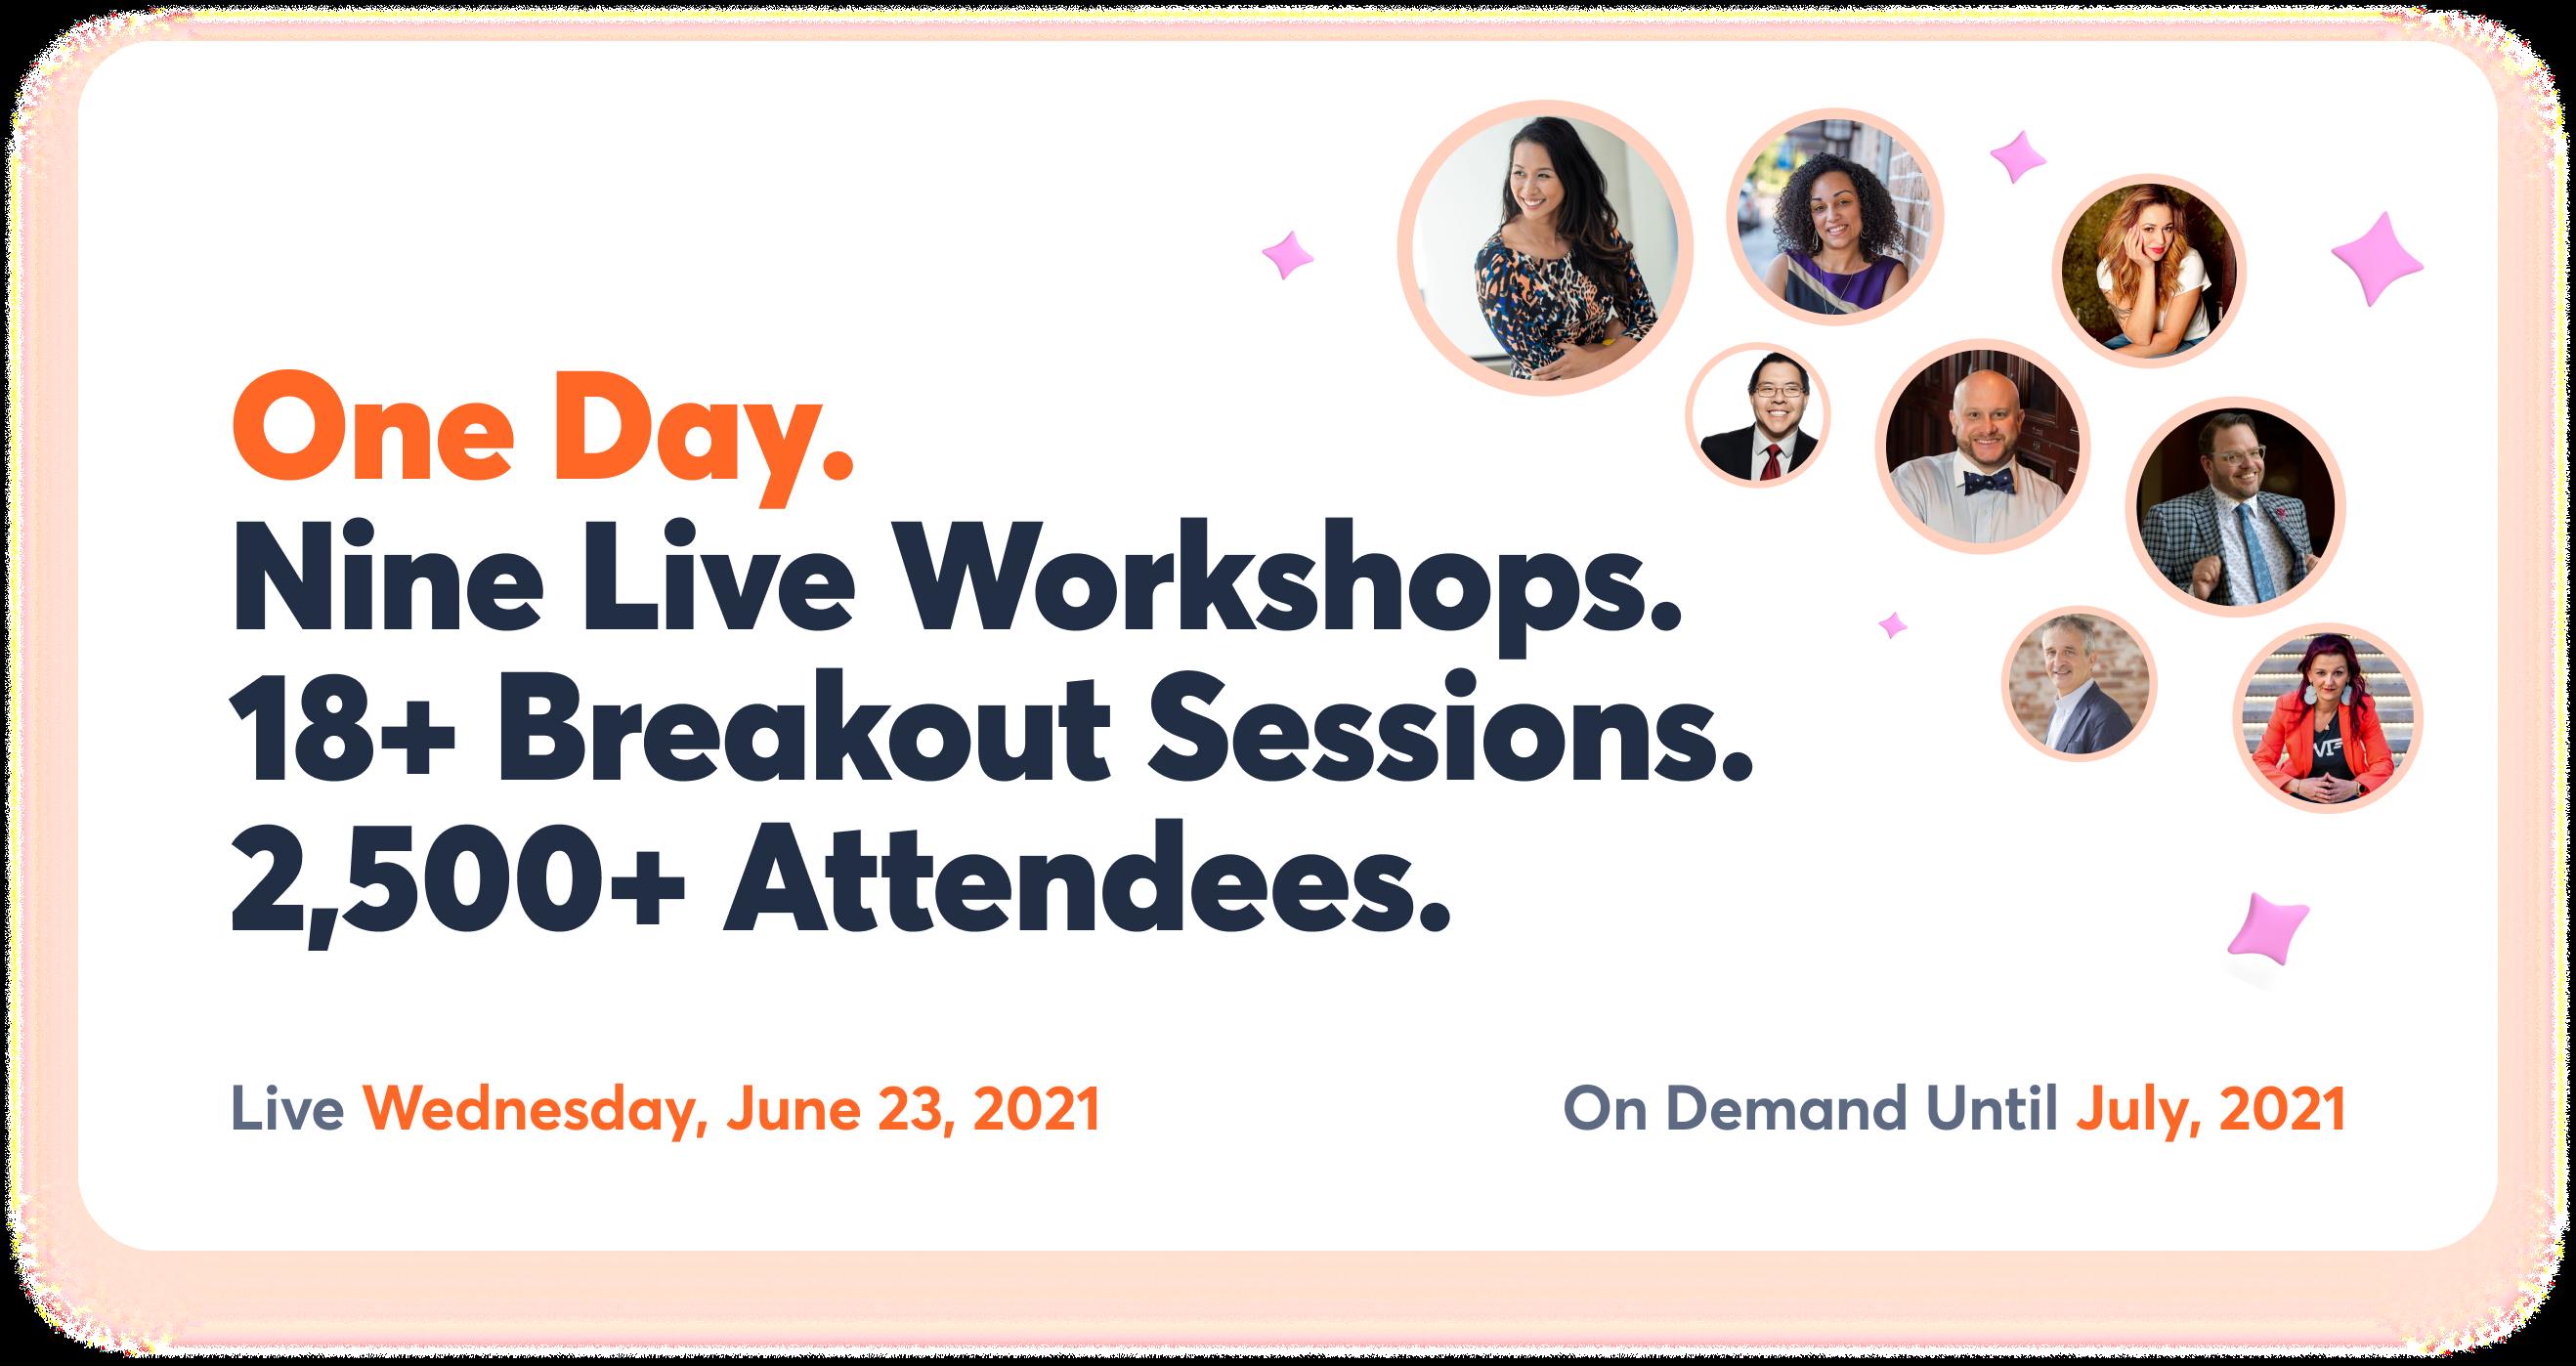 One Day. Nine Live Workshops.